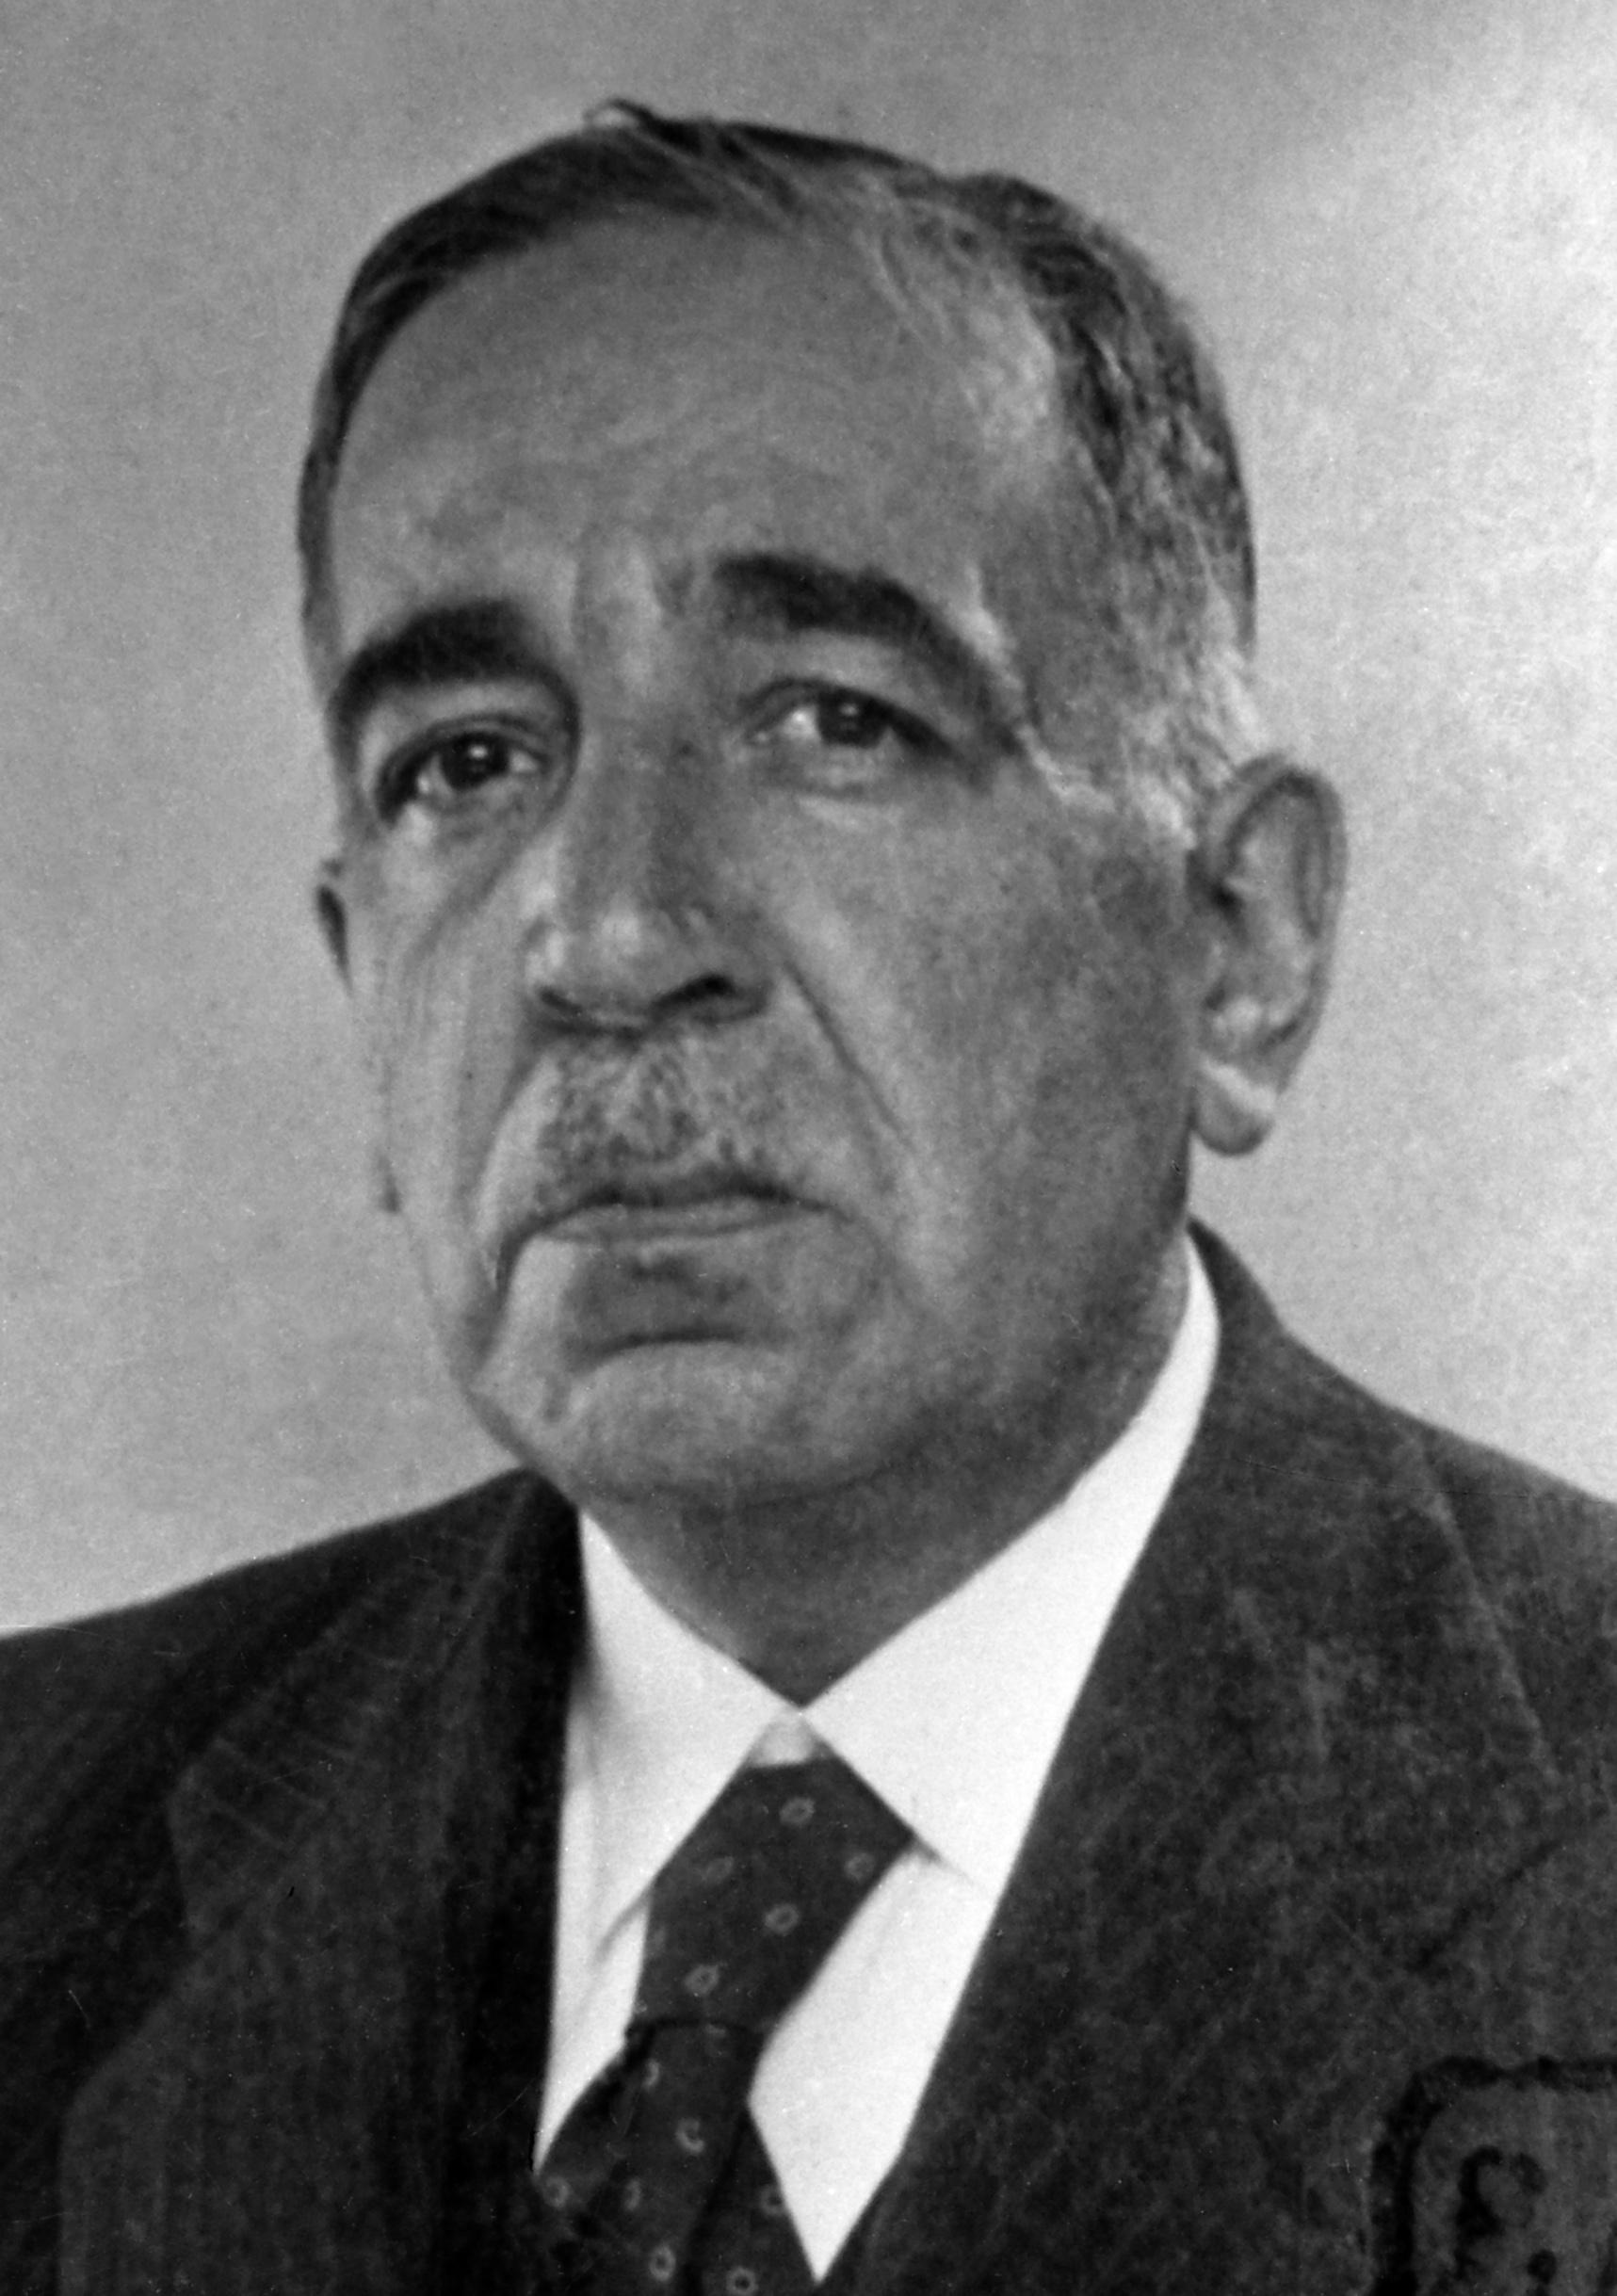 Retrato de Serafín Mainou Sanmiguel hacia 1935